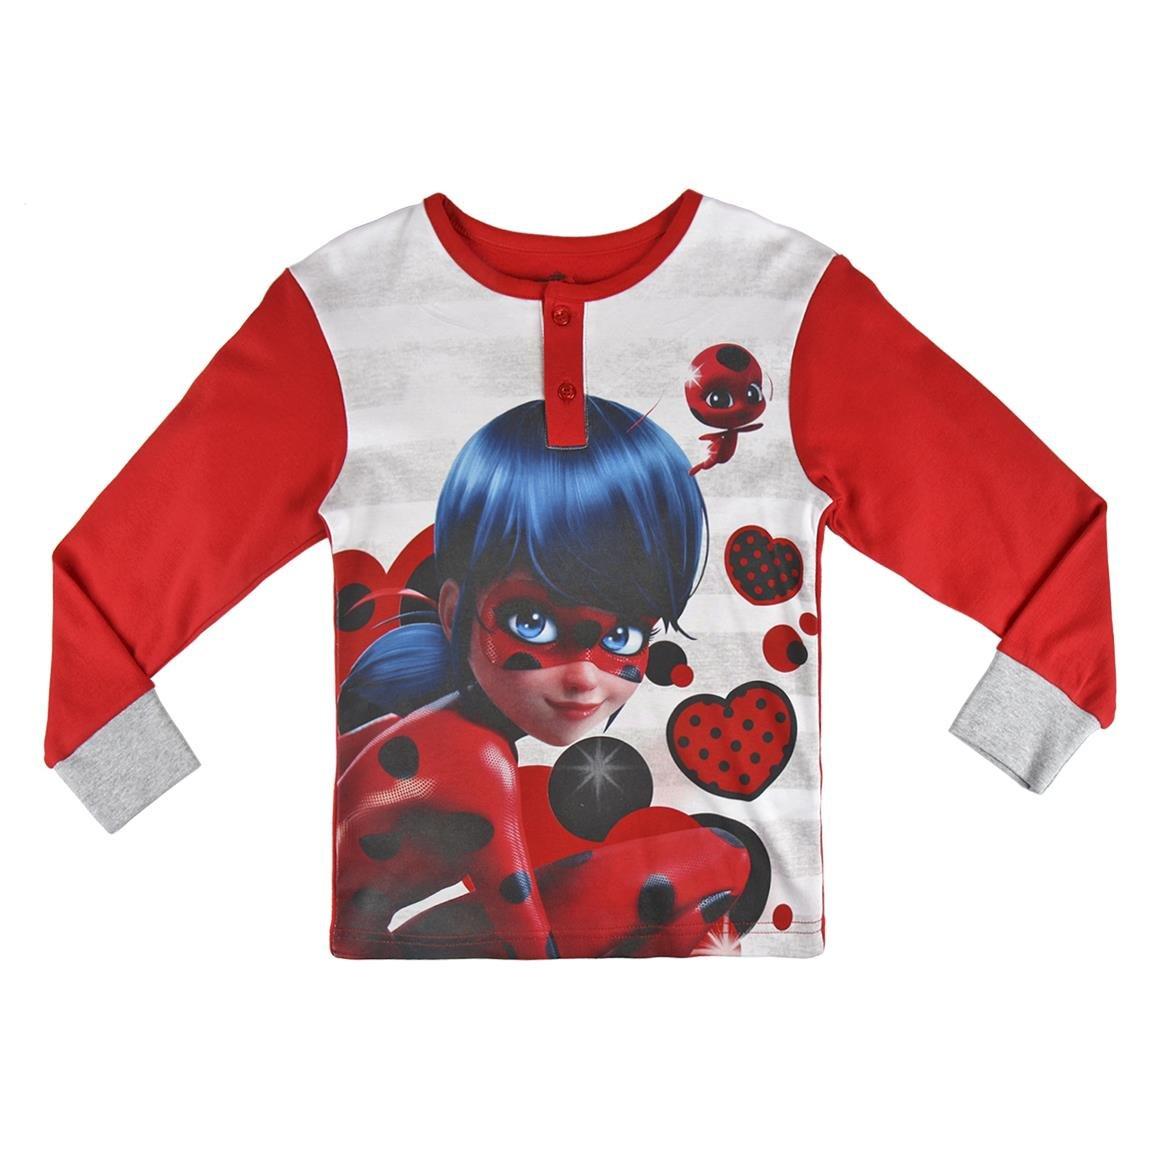 Ladybug - pijama manga larga 2 piezas interlock 100% algodón (98cm-104cm): Amazon.es: Ropa y accesorios